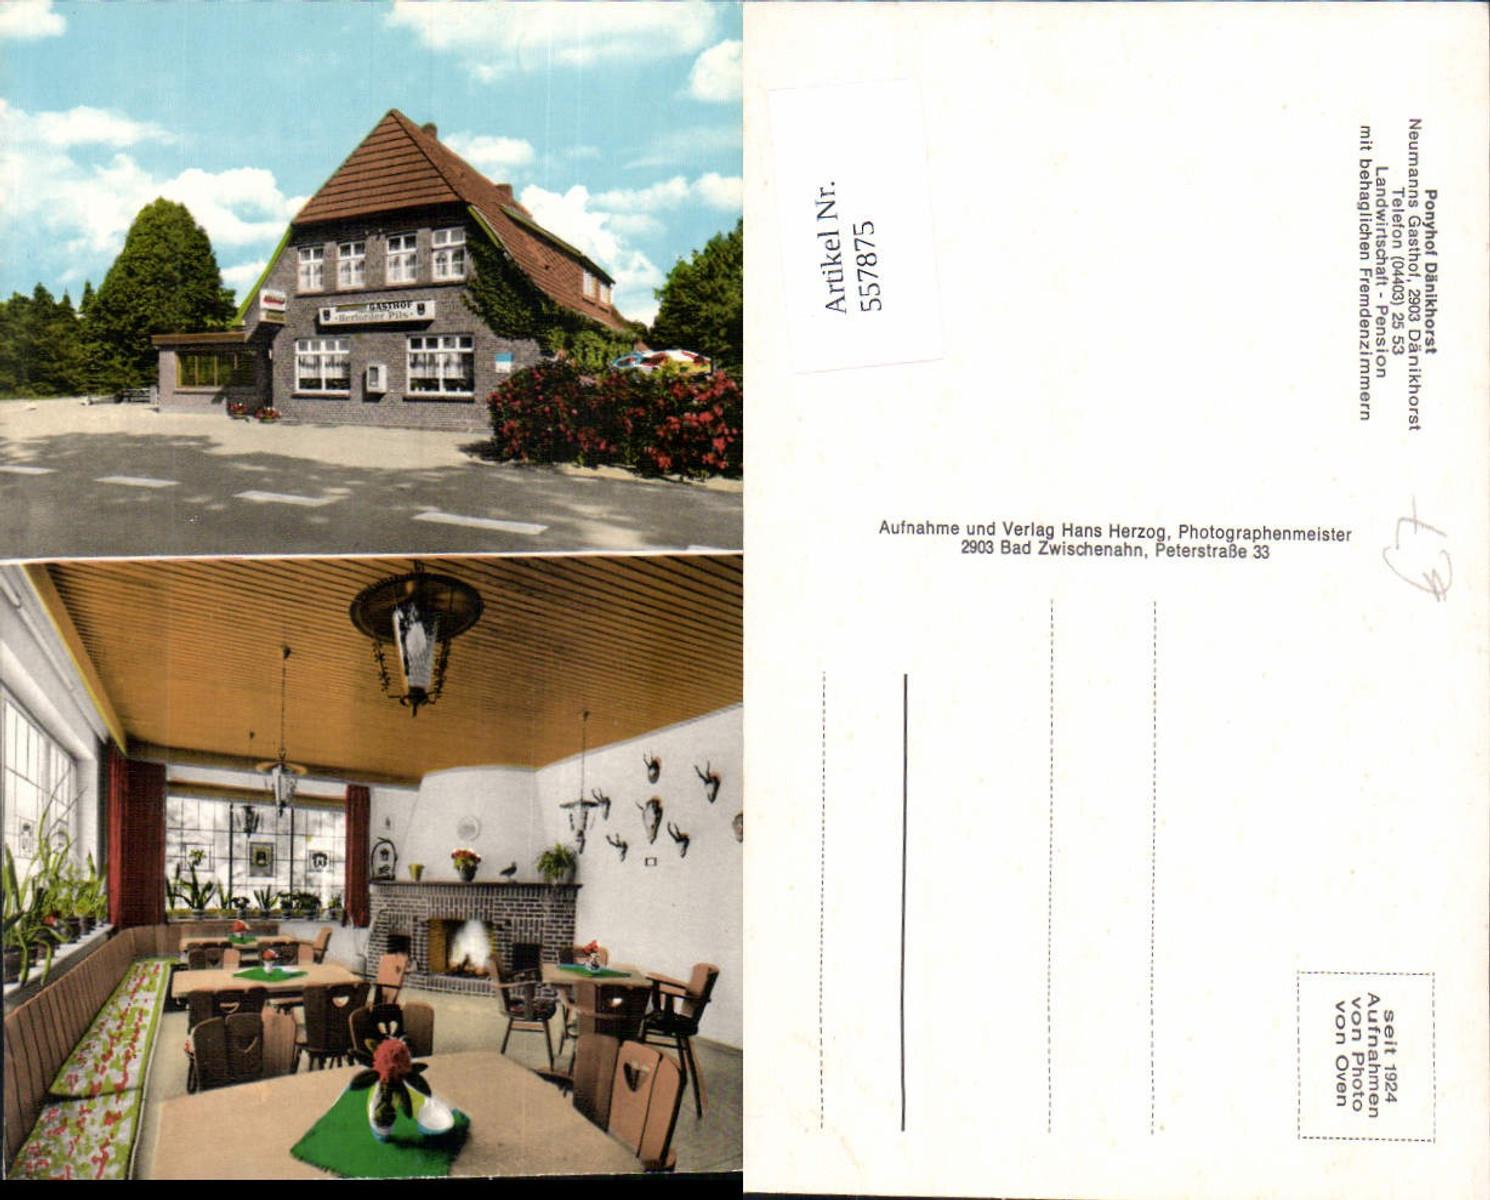 557875,Dänikhorst Bad Zwischenahn Neumanns Gasthof Ponyhof Dänikhorst Gaststube Kamin günstig online kaufen